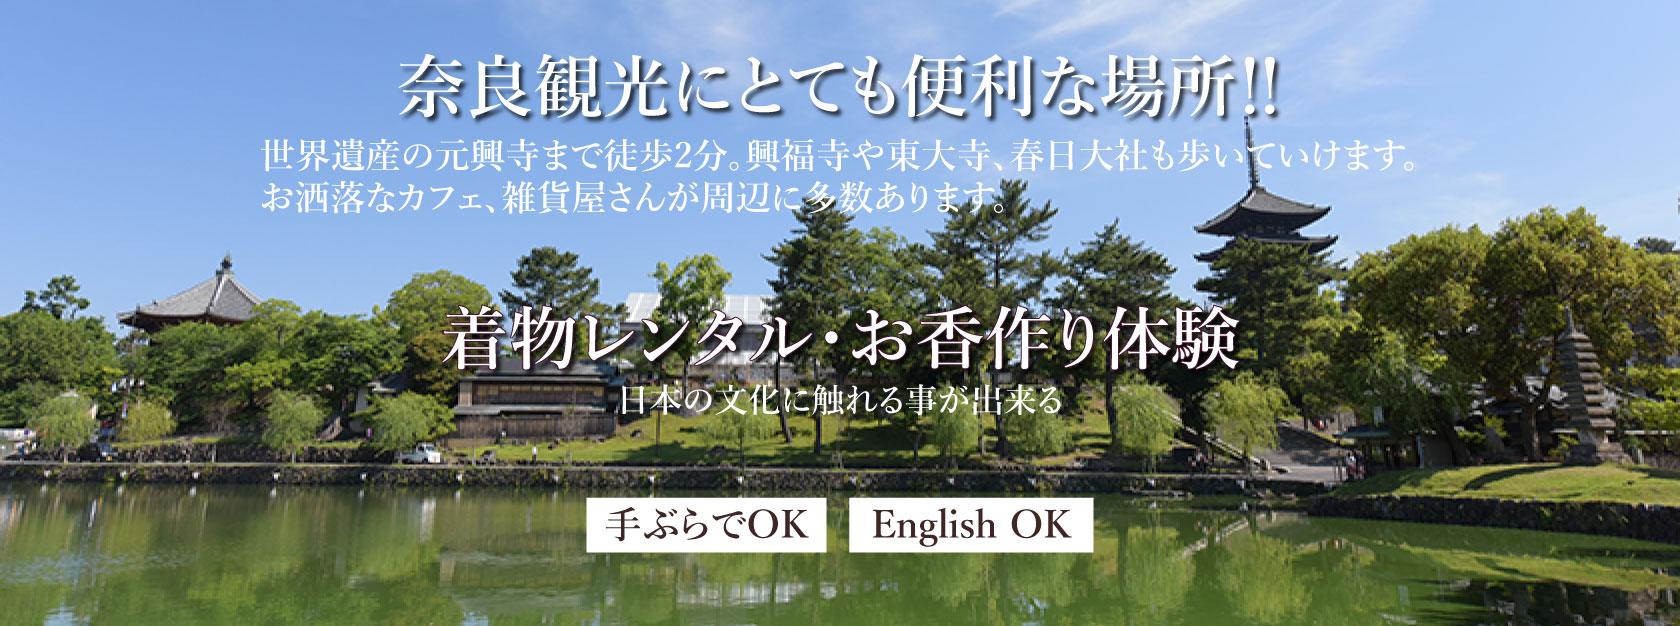 奈良町散策 奈良で着物レンタルするなら縁心屋